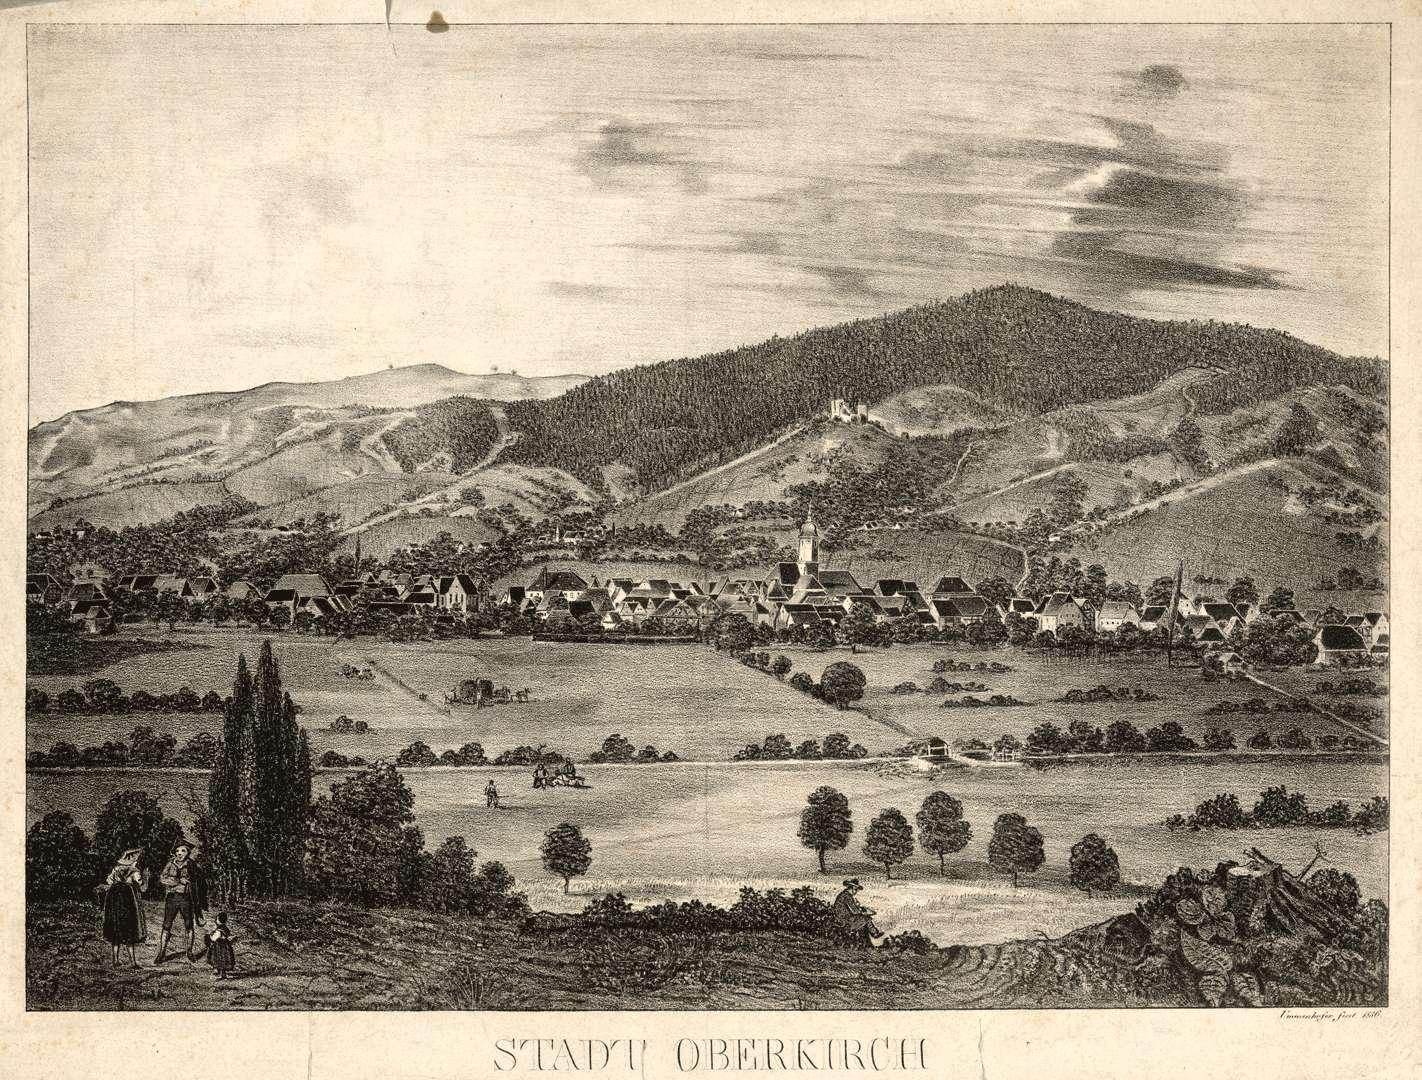 Stadt Oberkirch von Butschbach aus gesehen, Bild 1